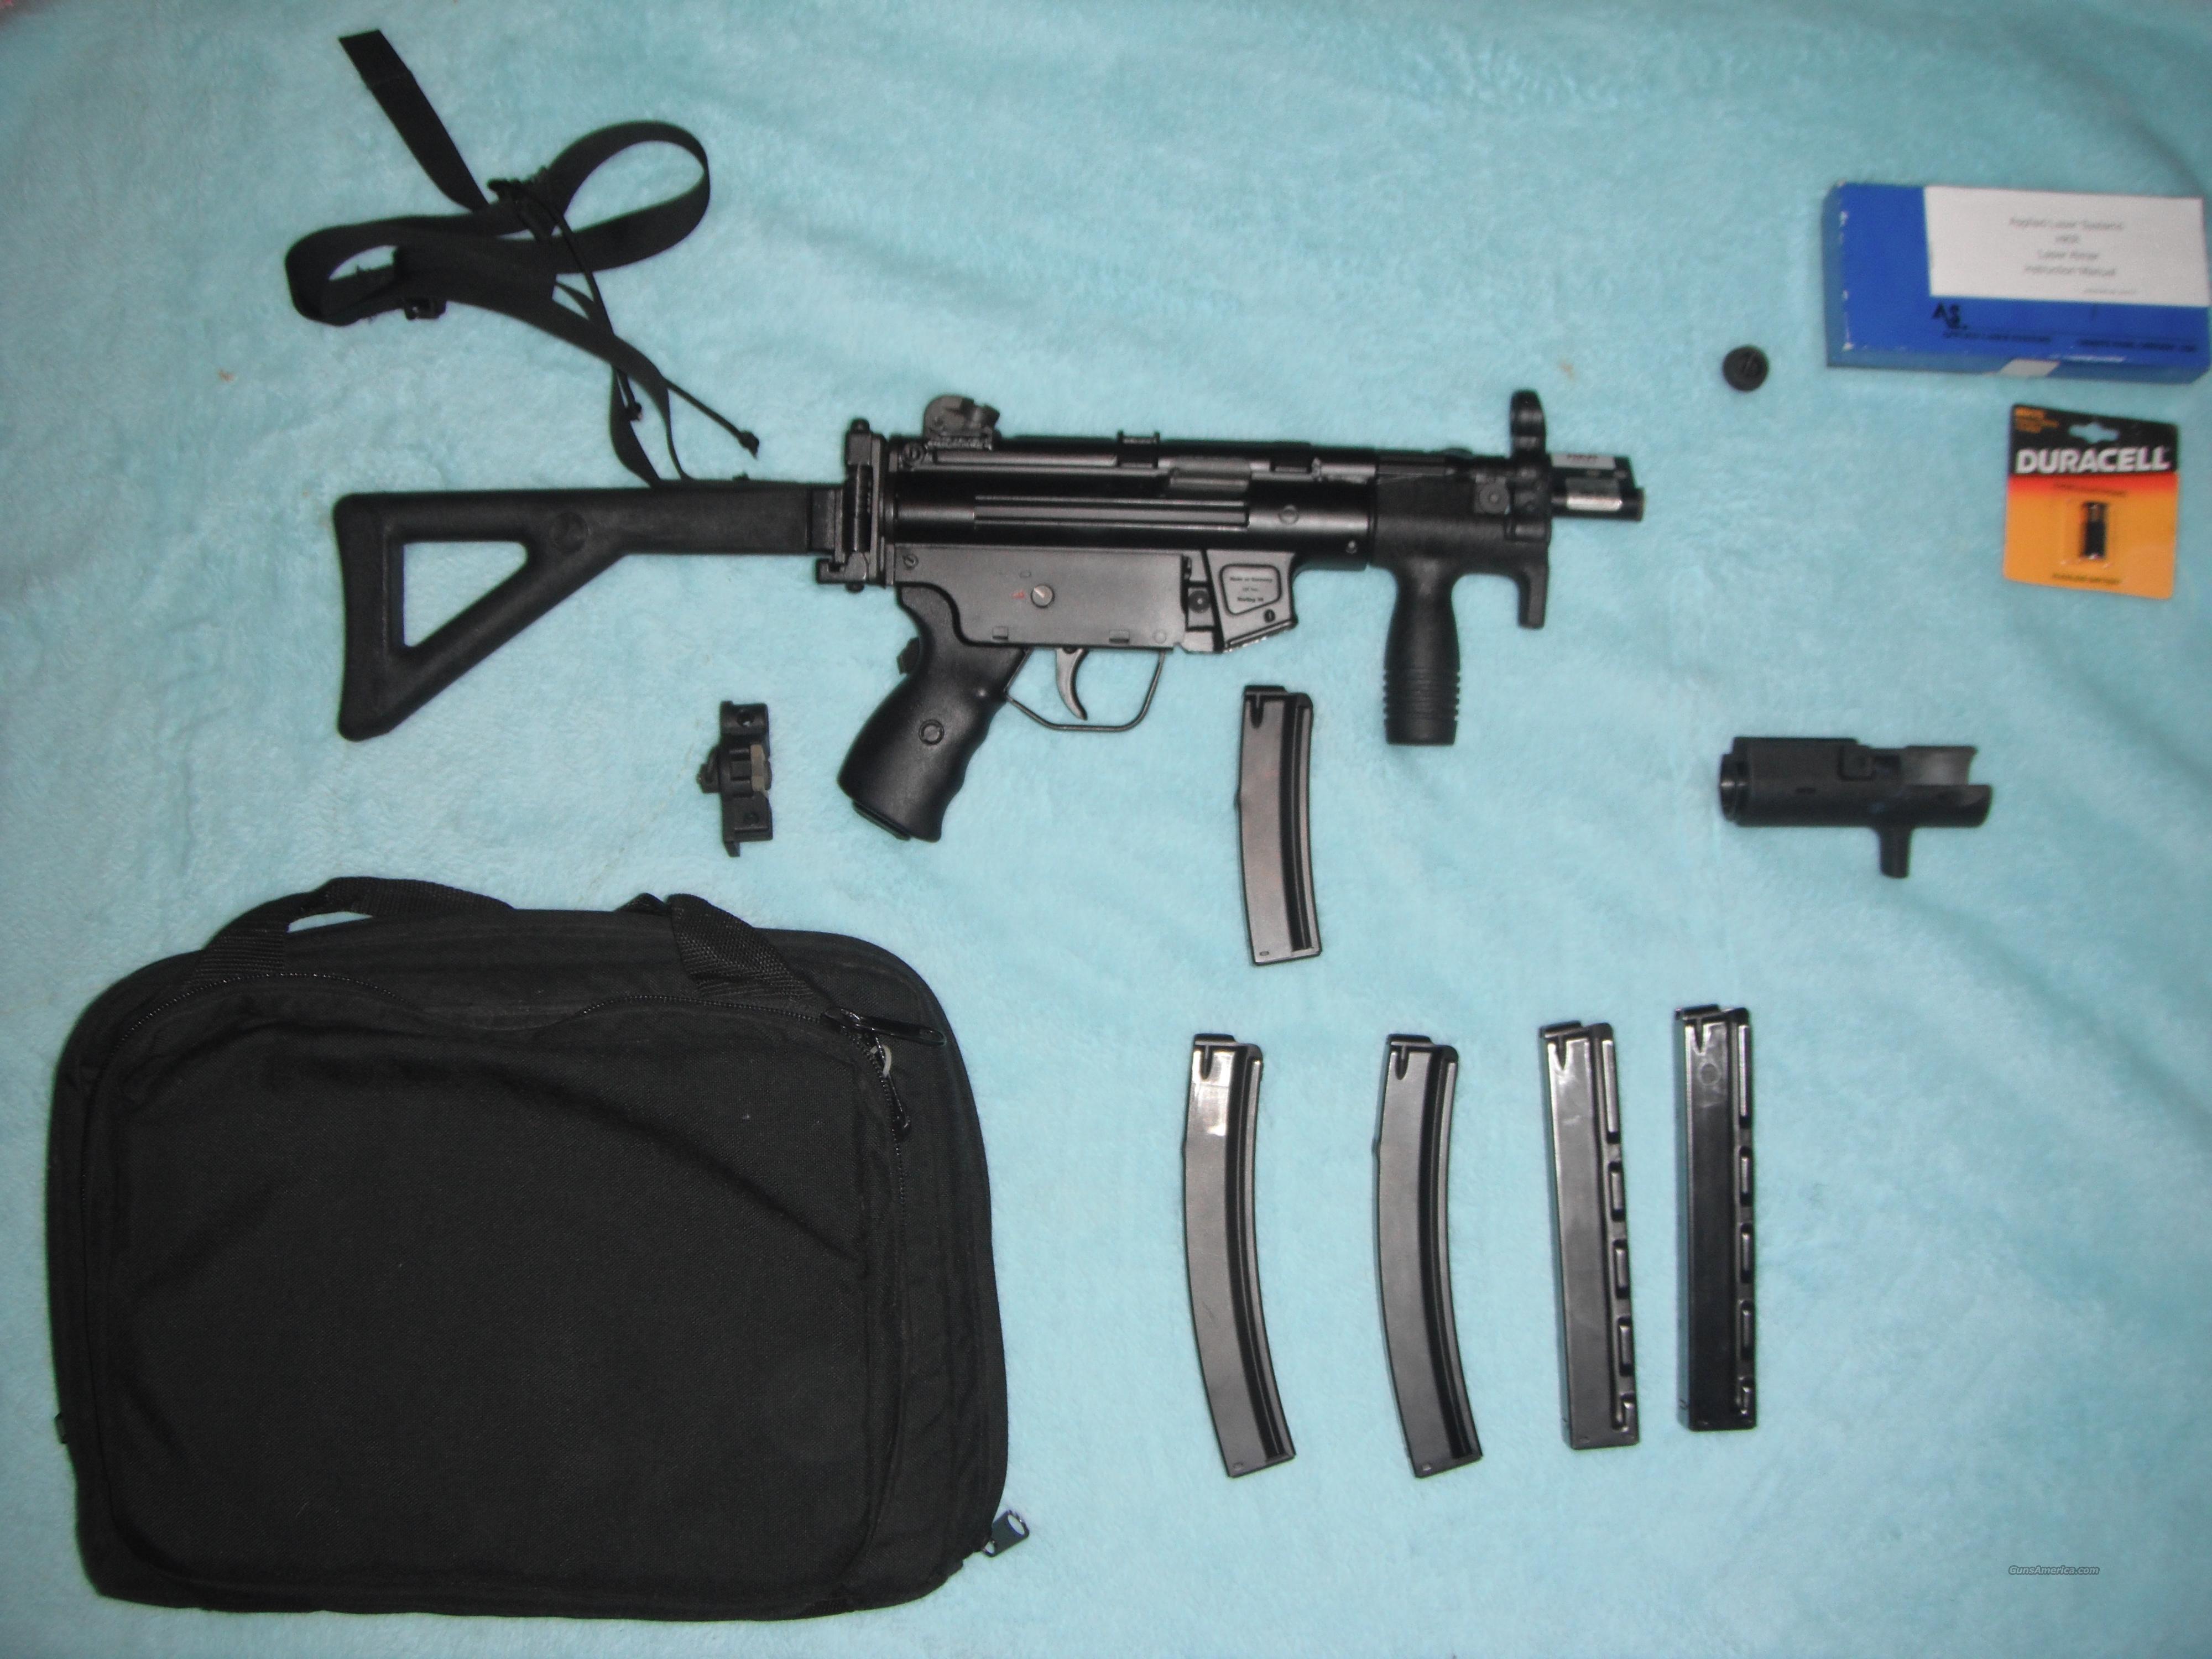 Heckler & Koch SP89  Guns > Pistols > Heckler & Koch Pistols > SteelFrame